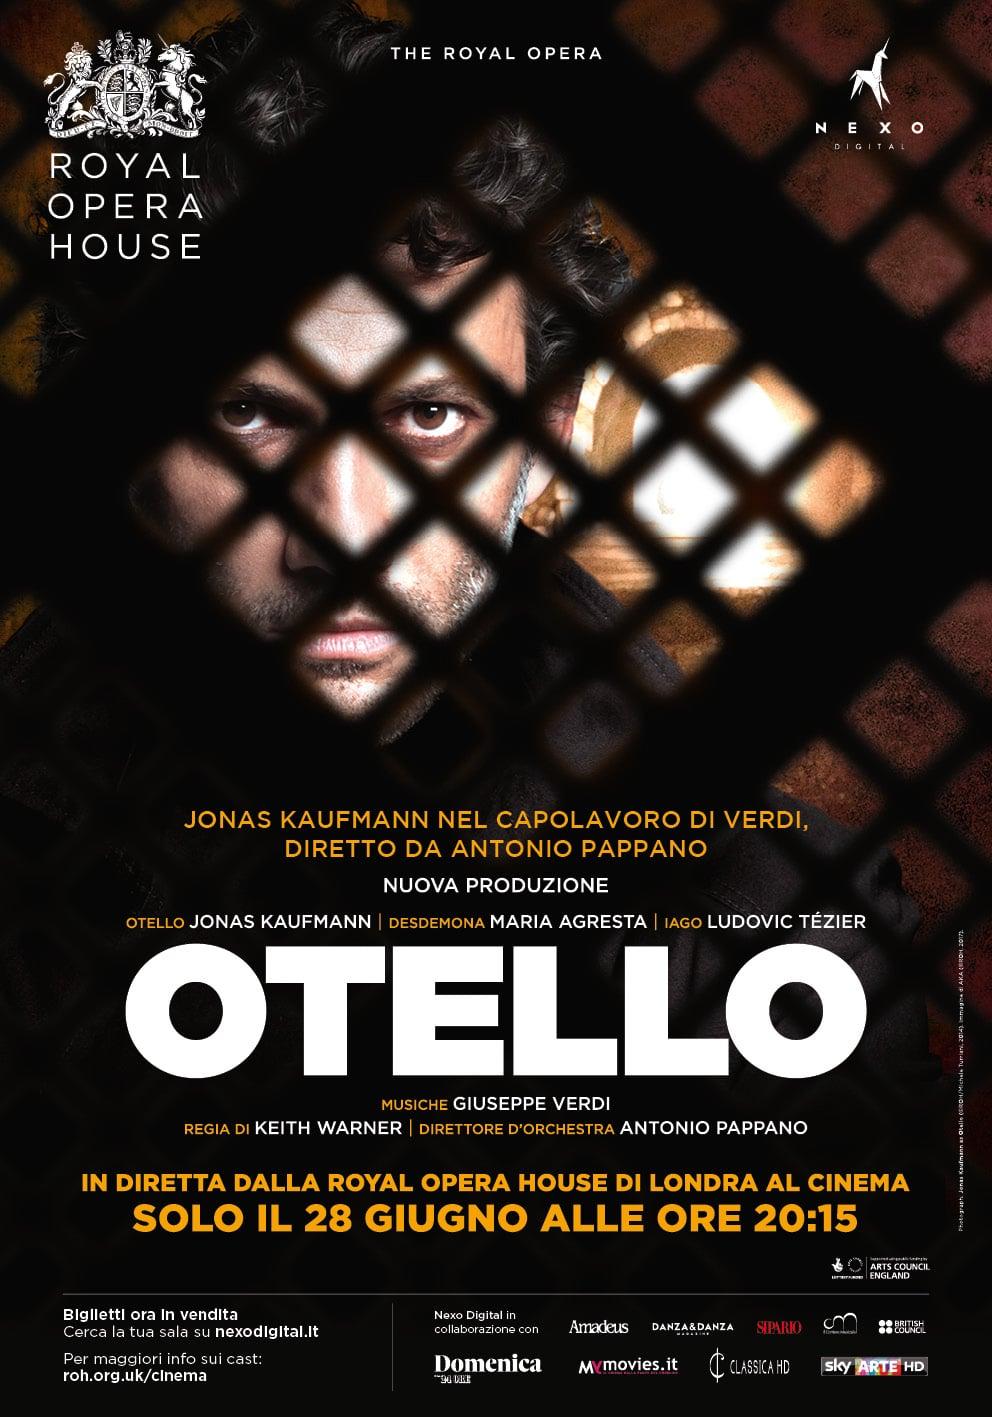 Otello al cinema in diretta via satellite dalla Royal Opera House di Londra